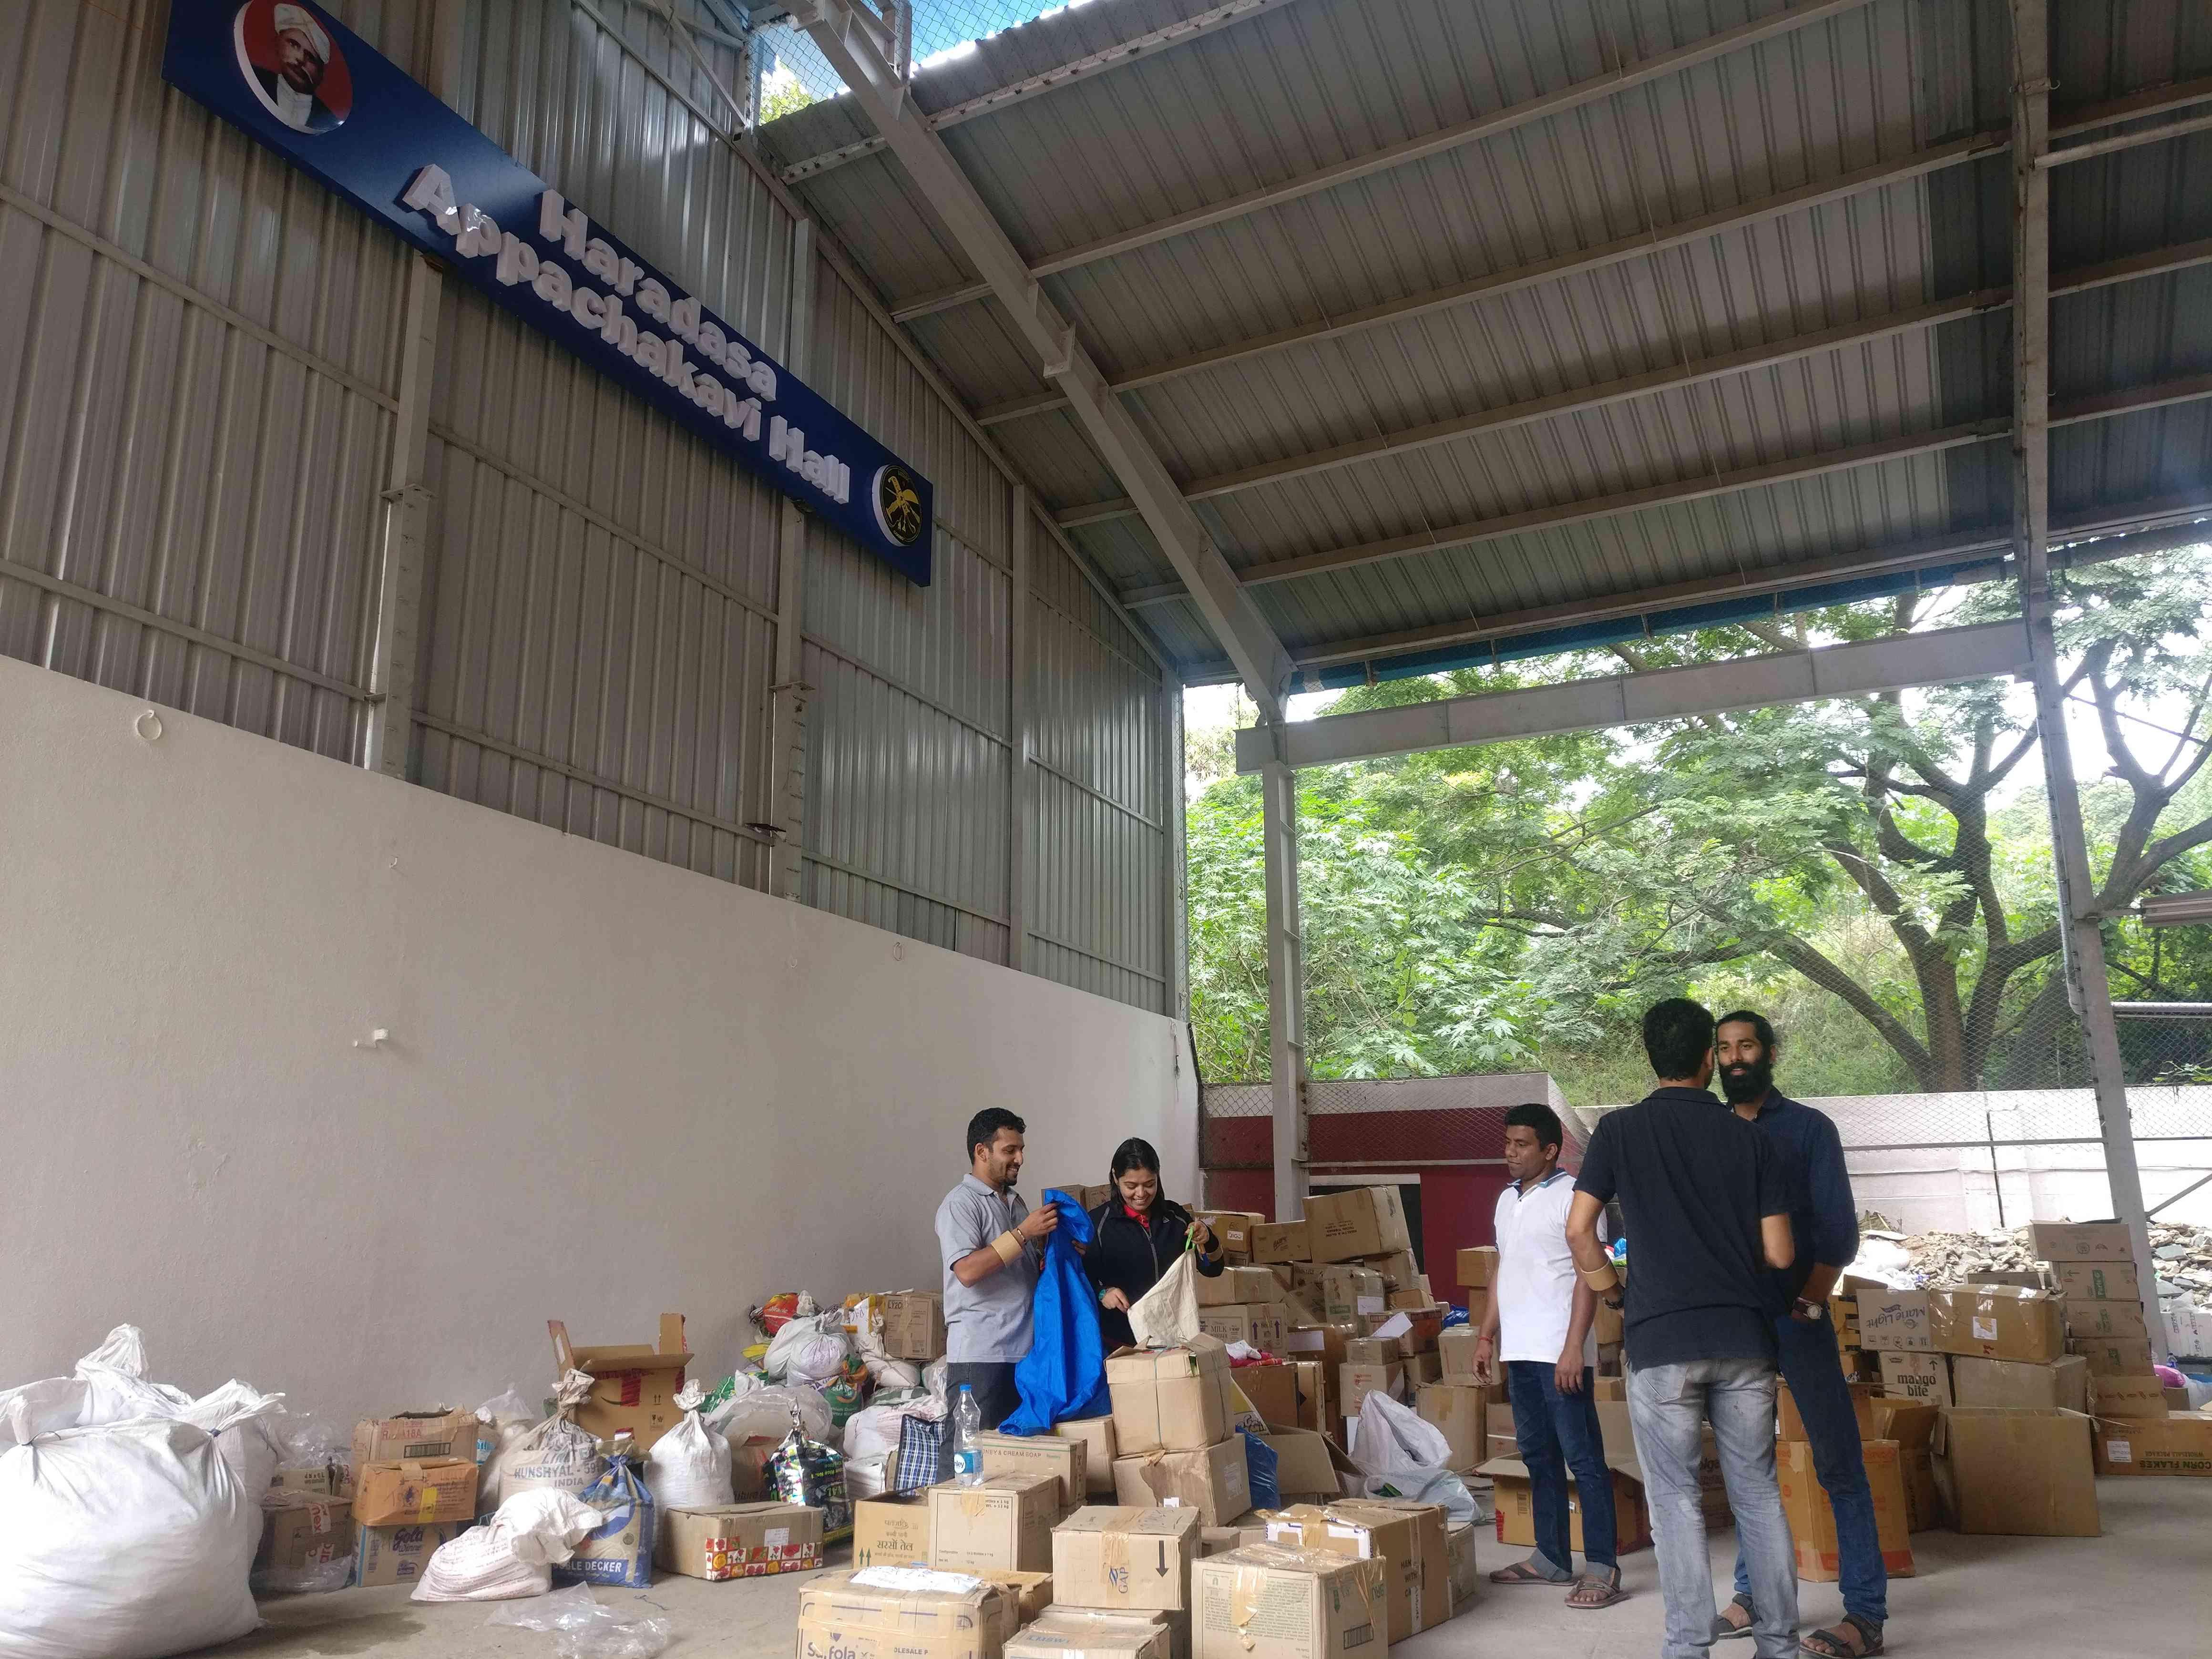 Volunteers collect relief material at the Kodava Samaj in Bengaluru. (Credit: Nayantara Narayanan)